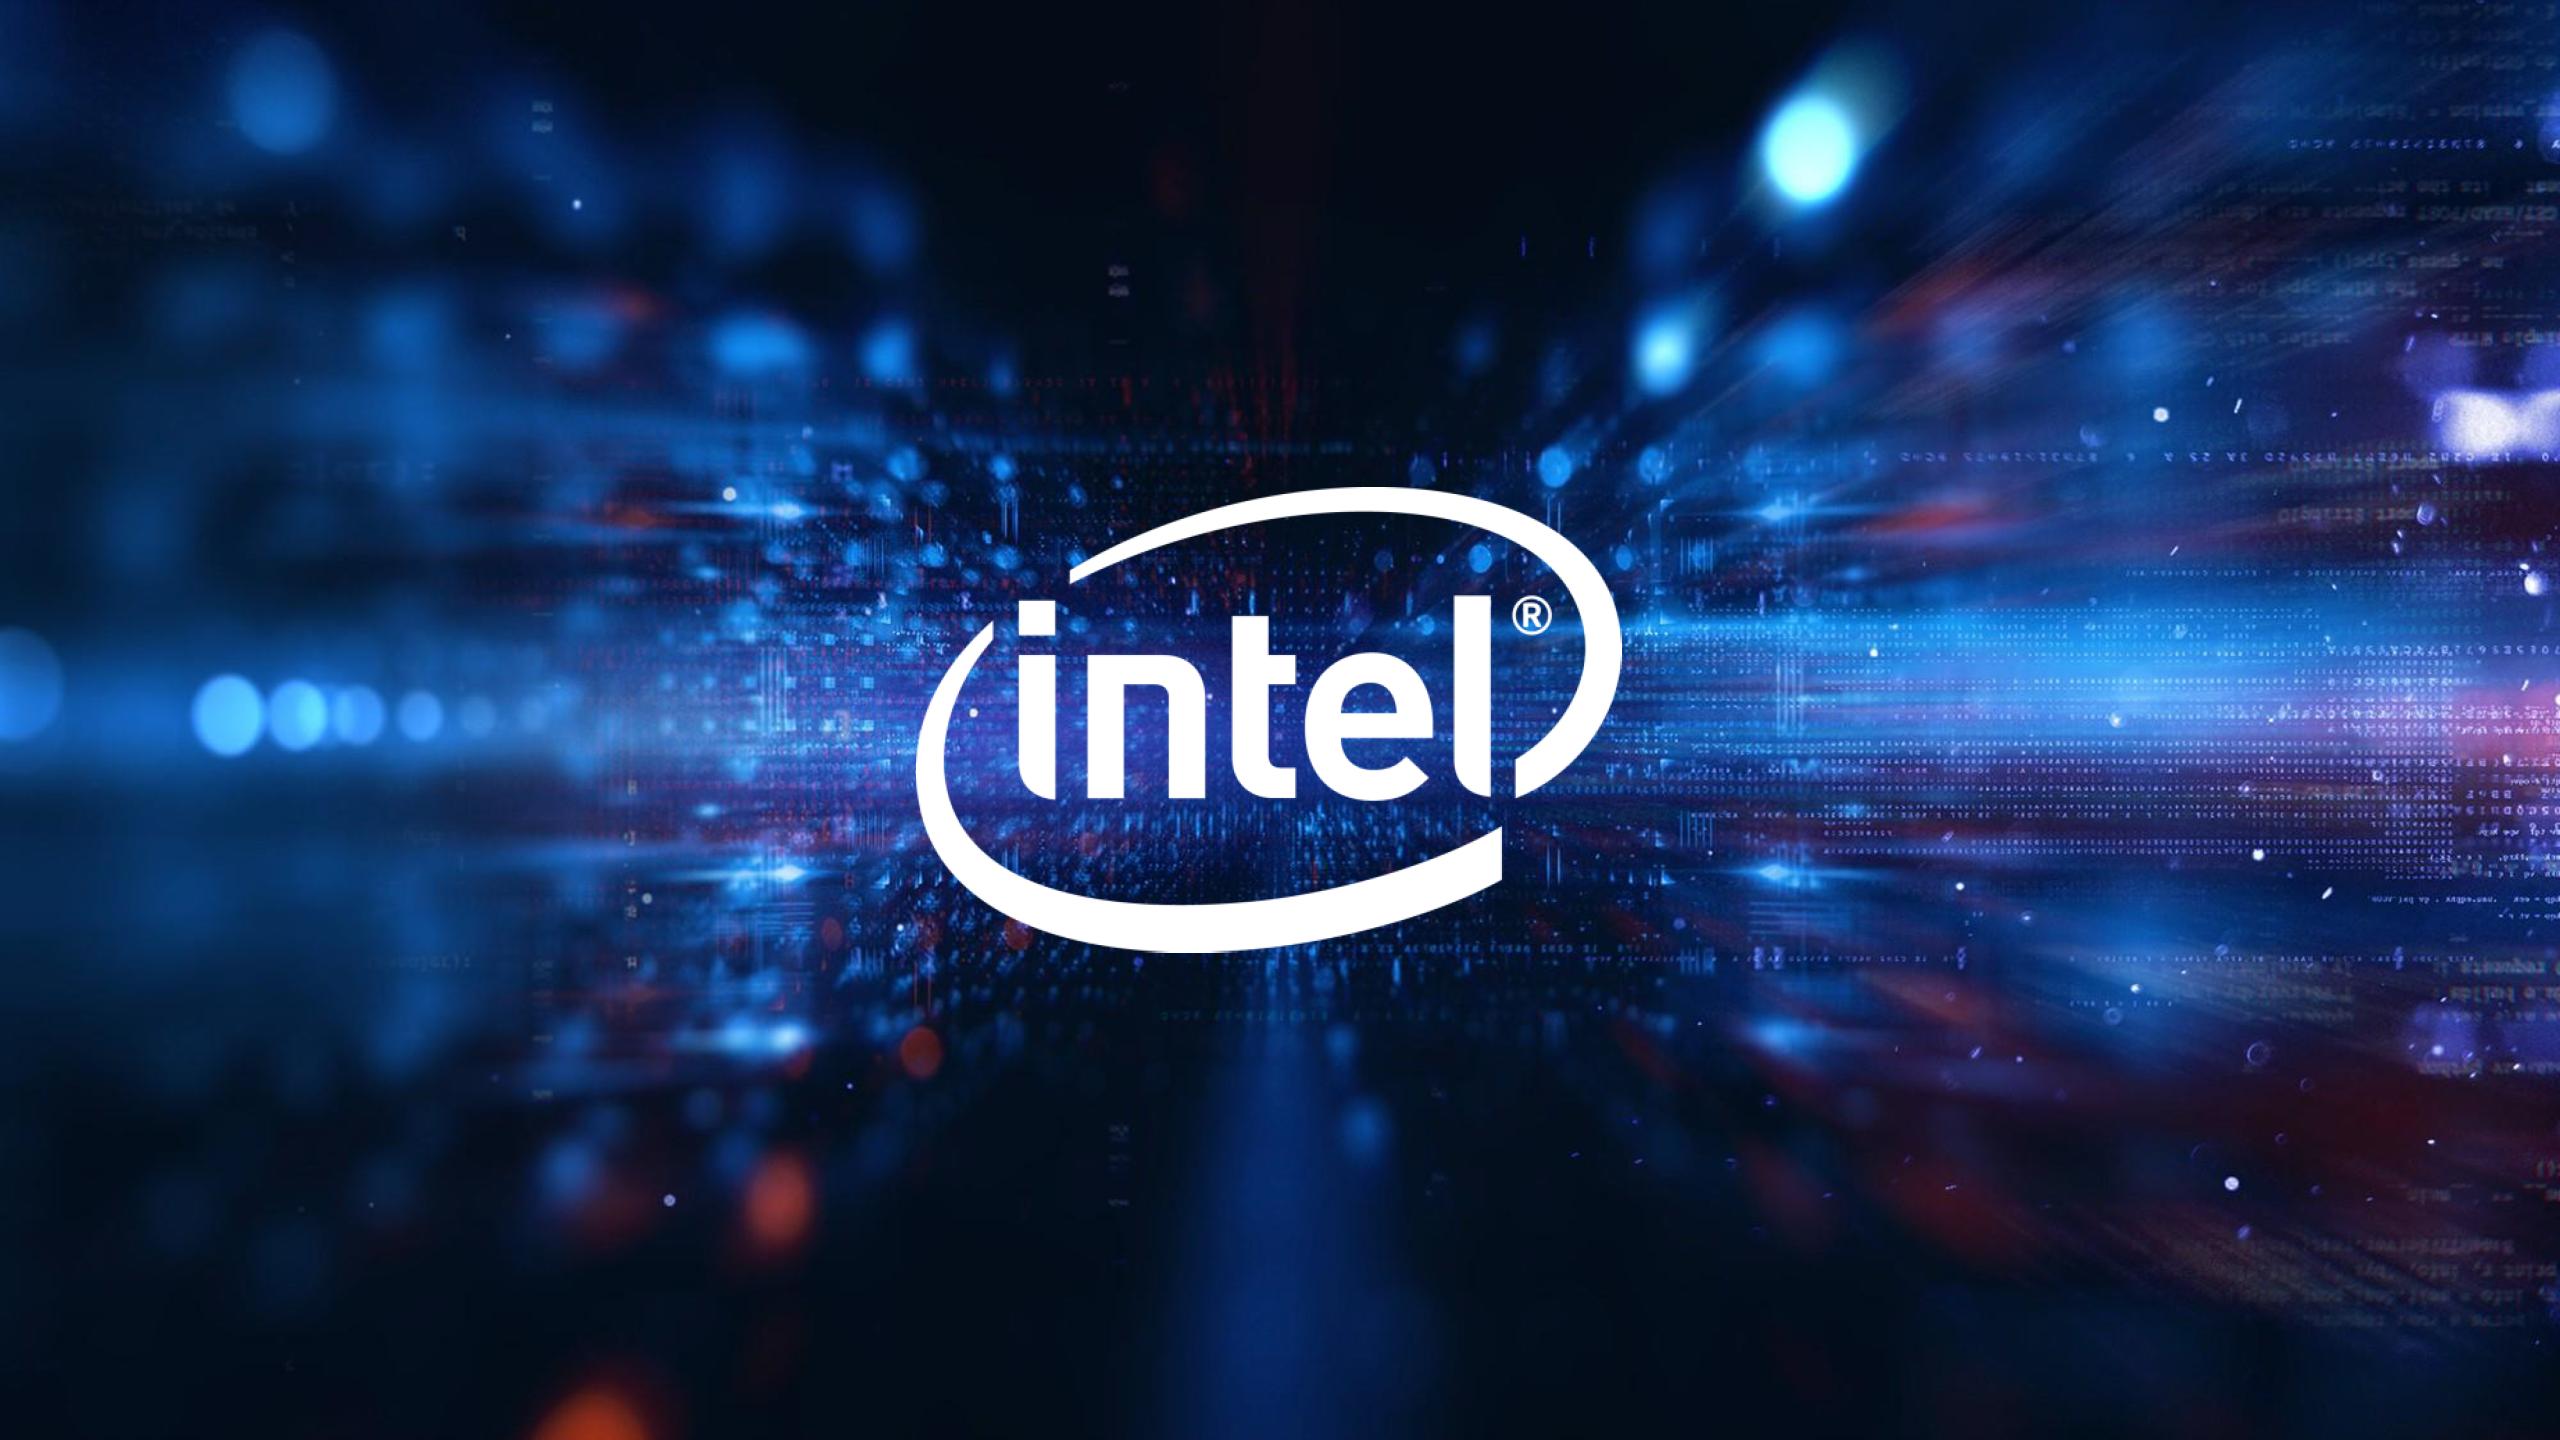 Intel : Une faille impossible à corriger dans plusieurs générations de processeurs